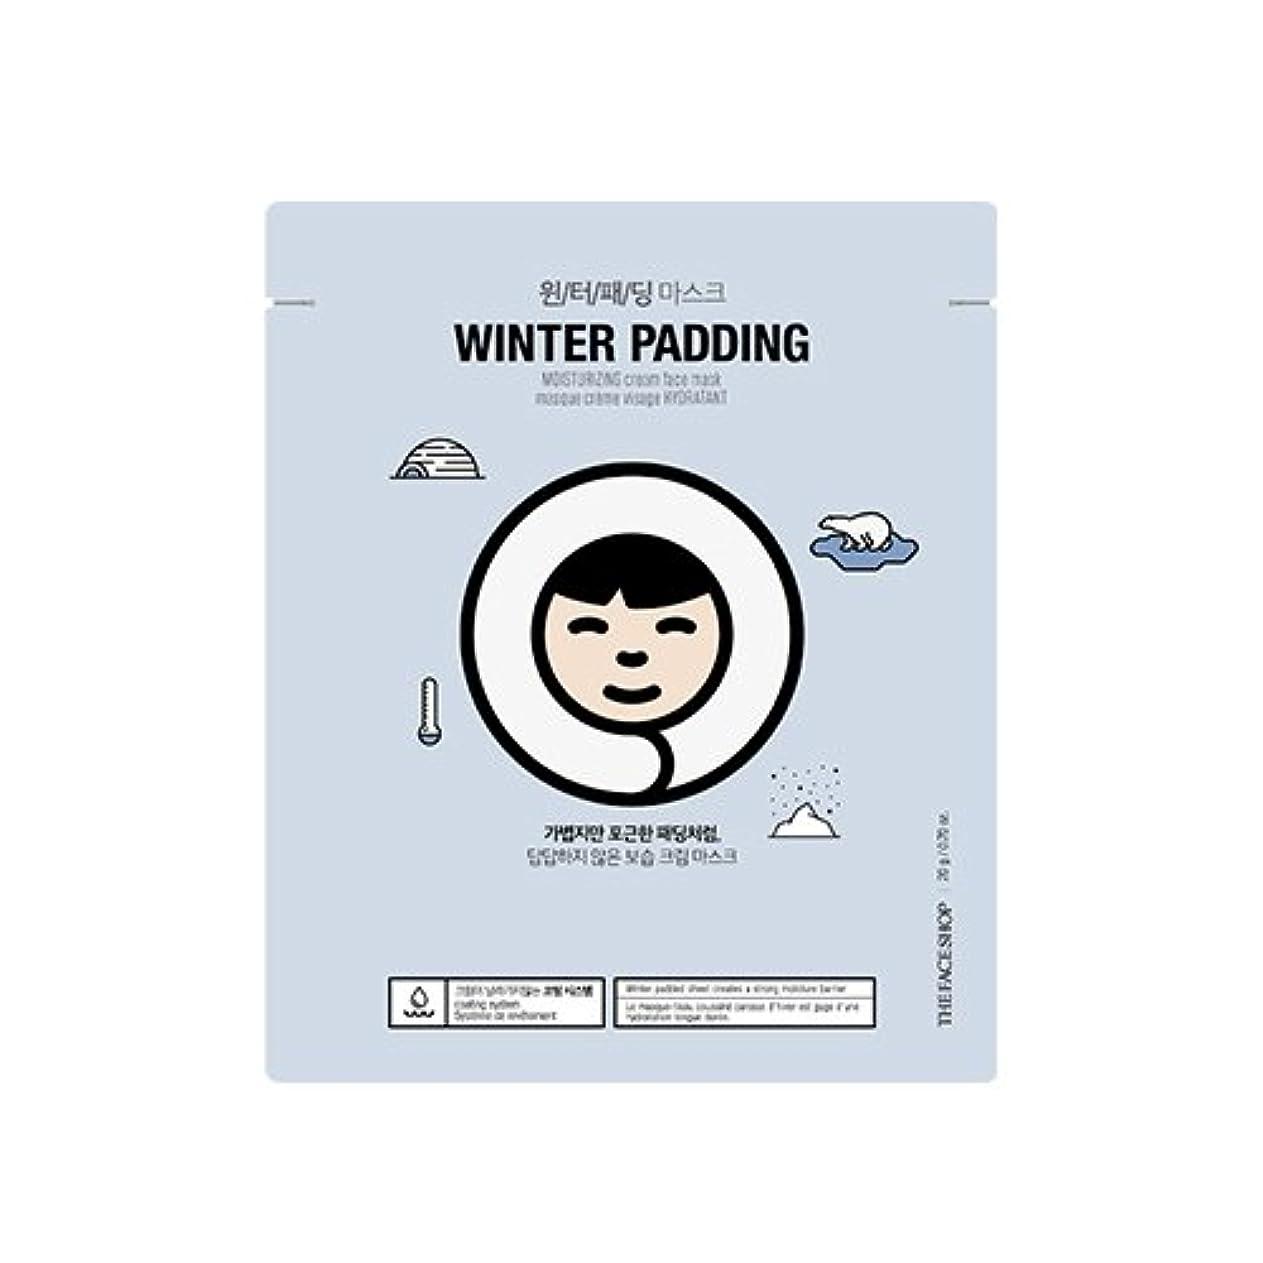 偏見サイト百万THE FACE SHOP Winter Padding Cream Mask (5EA) (1. Moisturizing Cream Mask) / ザフェイスショップ ウインター パッディング クリームマスク(5枚) [並行輸入品]